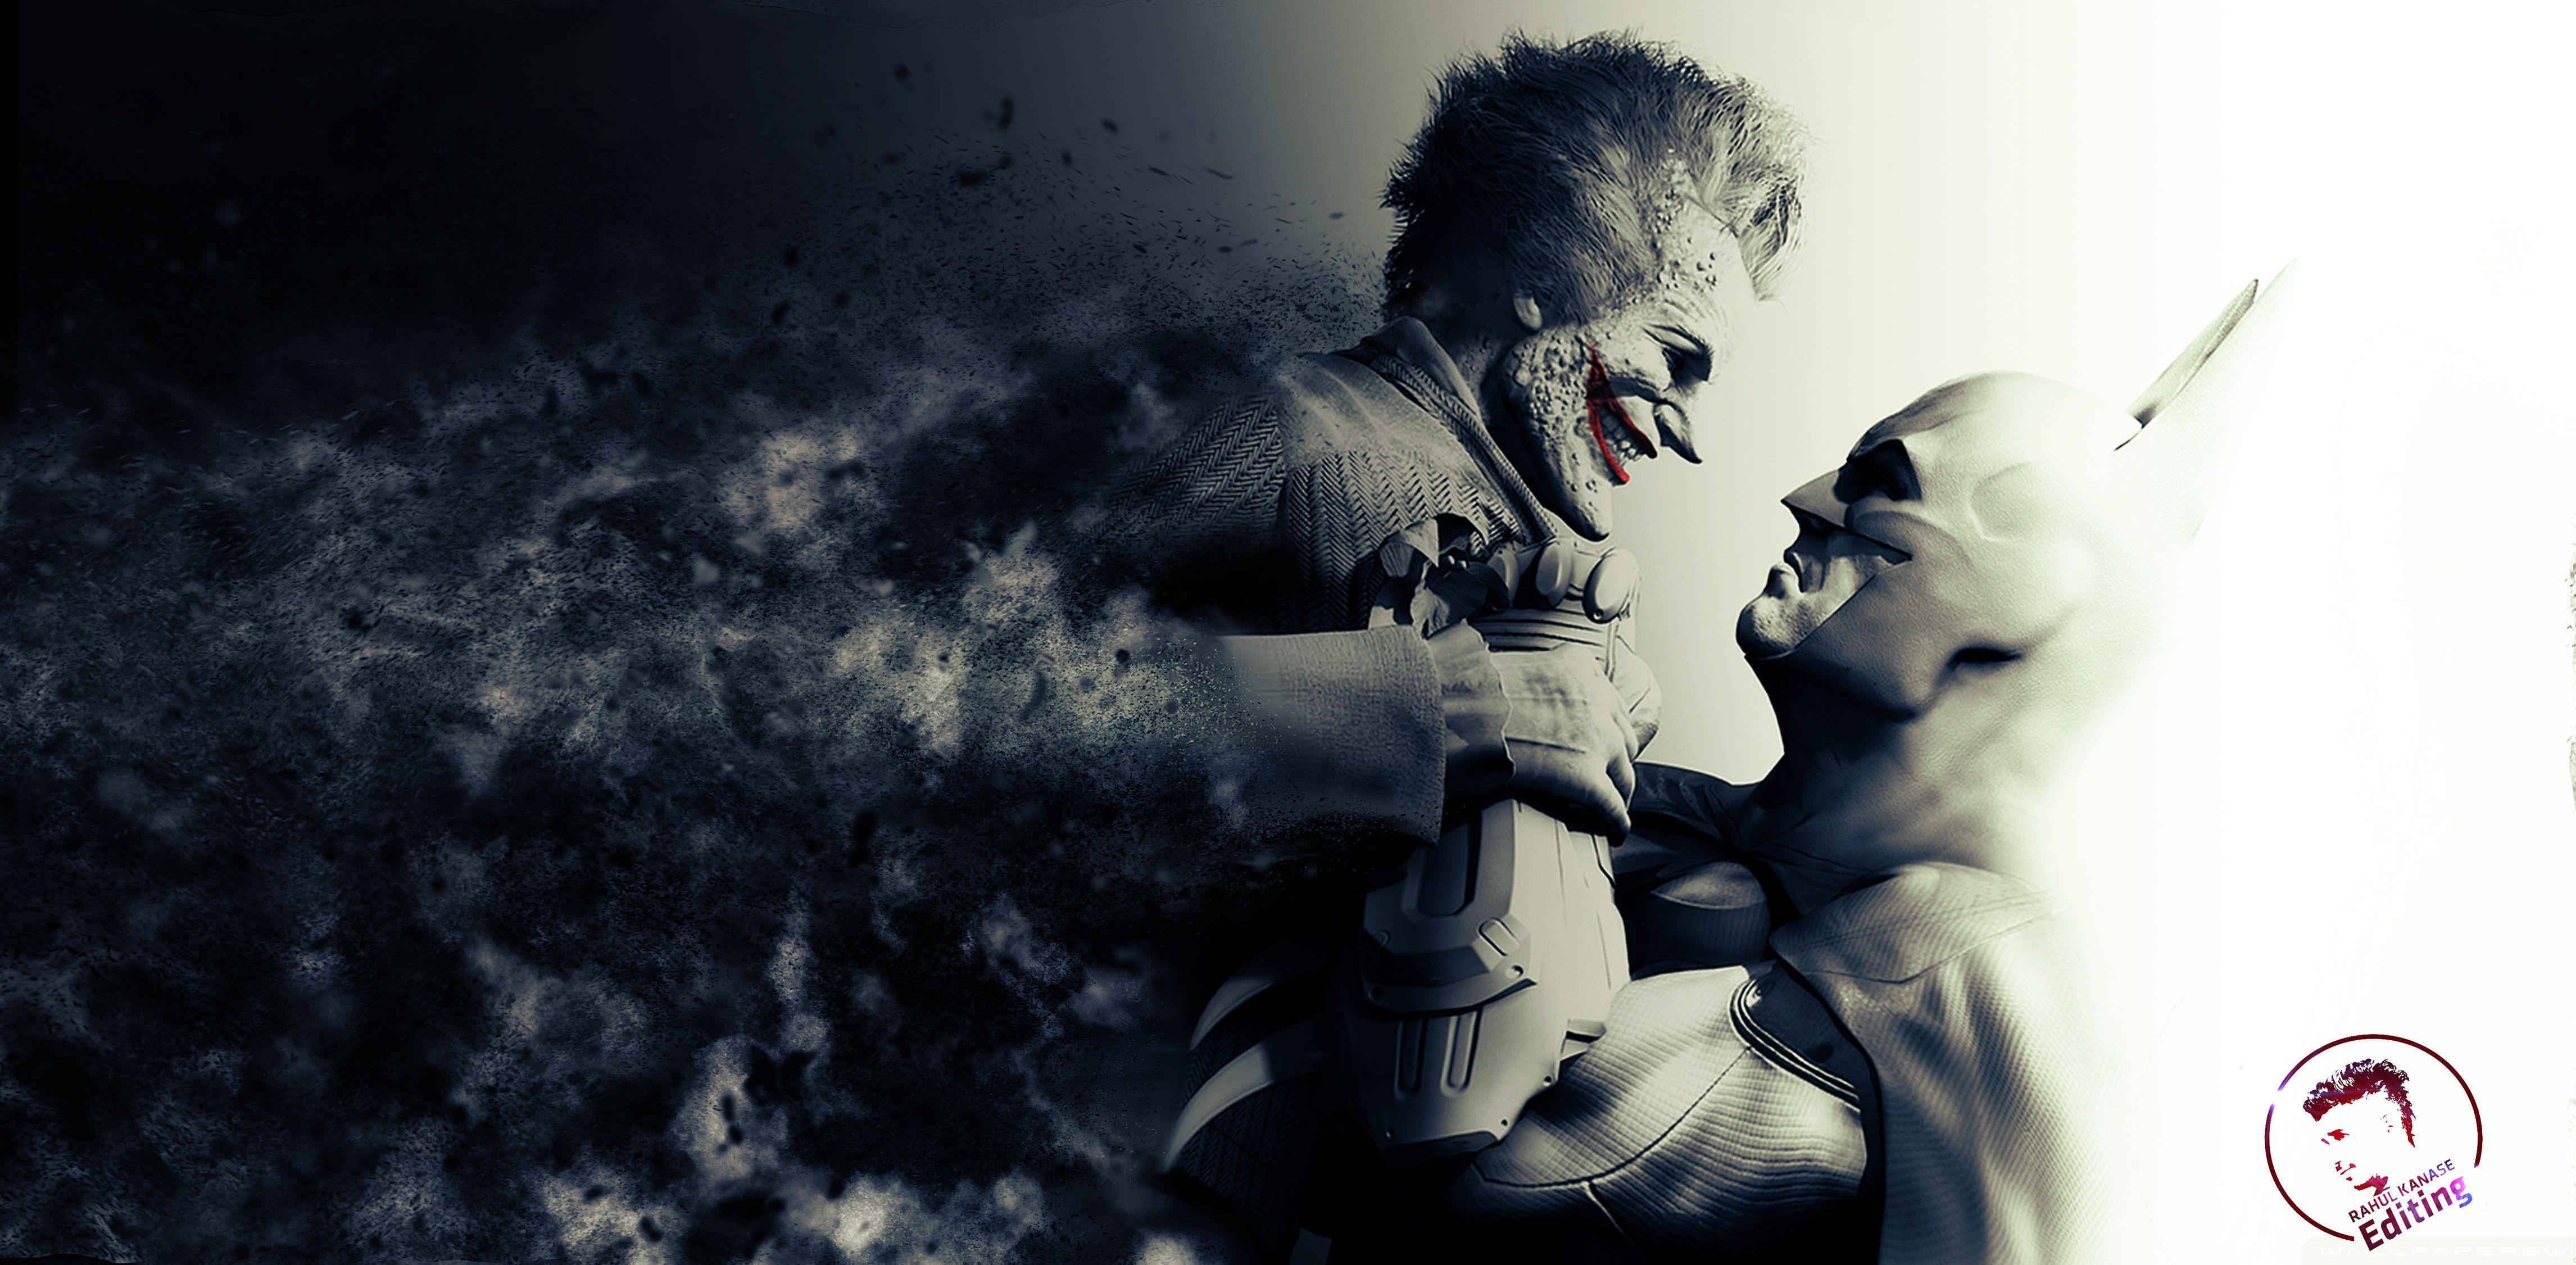 Joker 4k ultra hd wallpapers top free joker 4k ultra hd for Joker wallpaper 4k